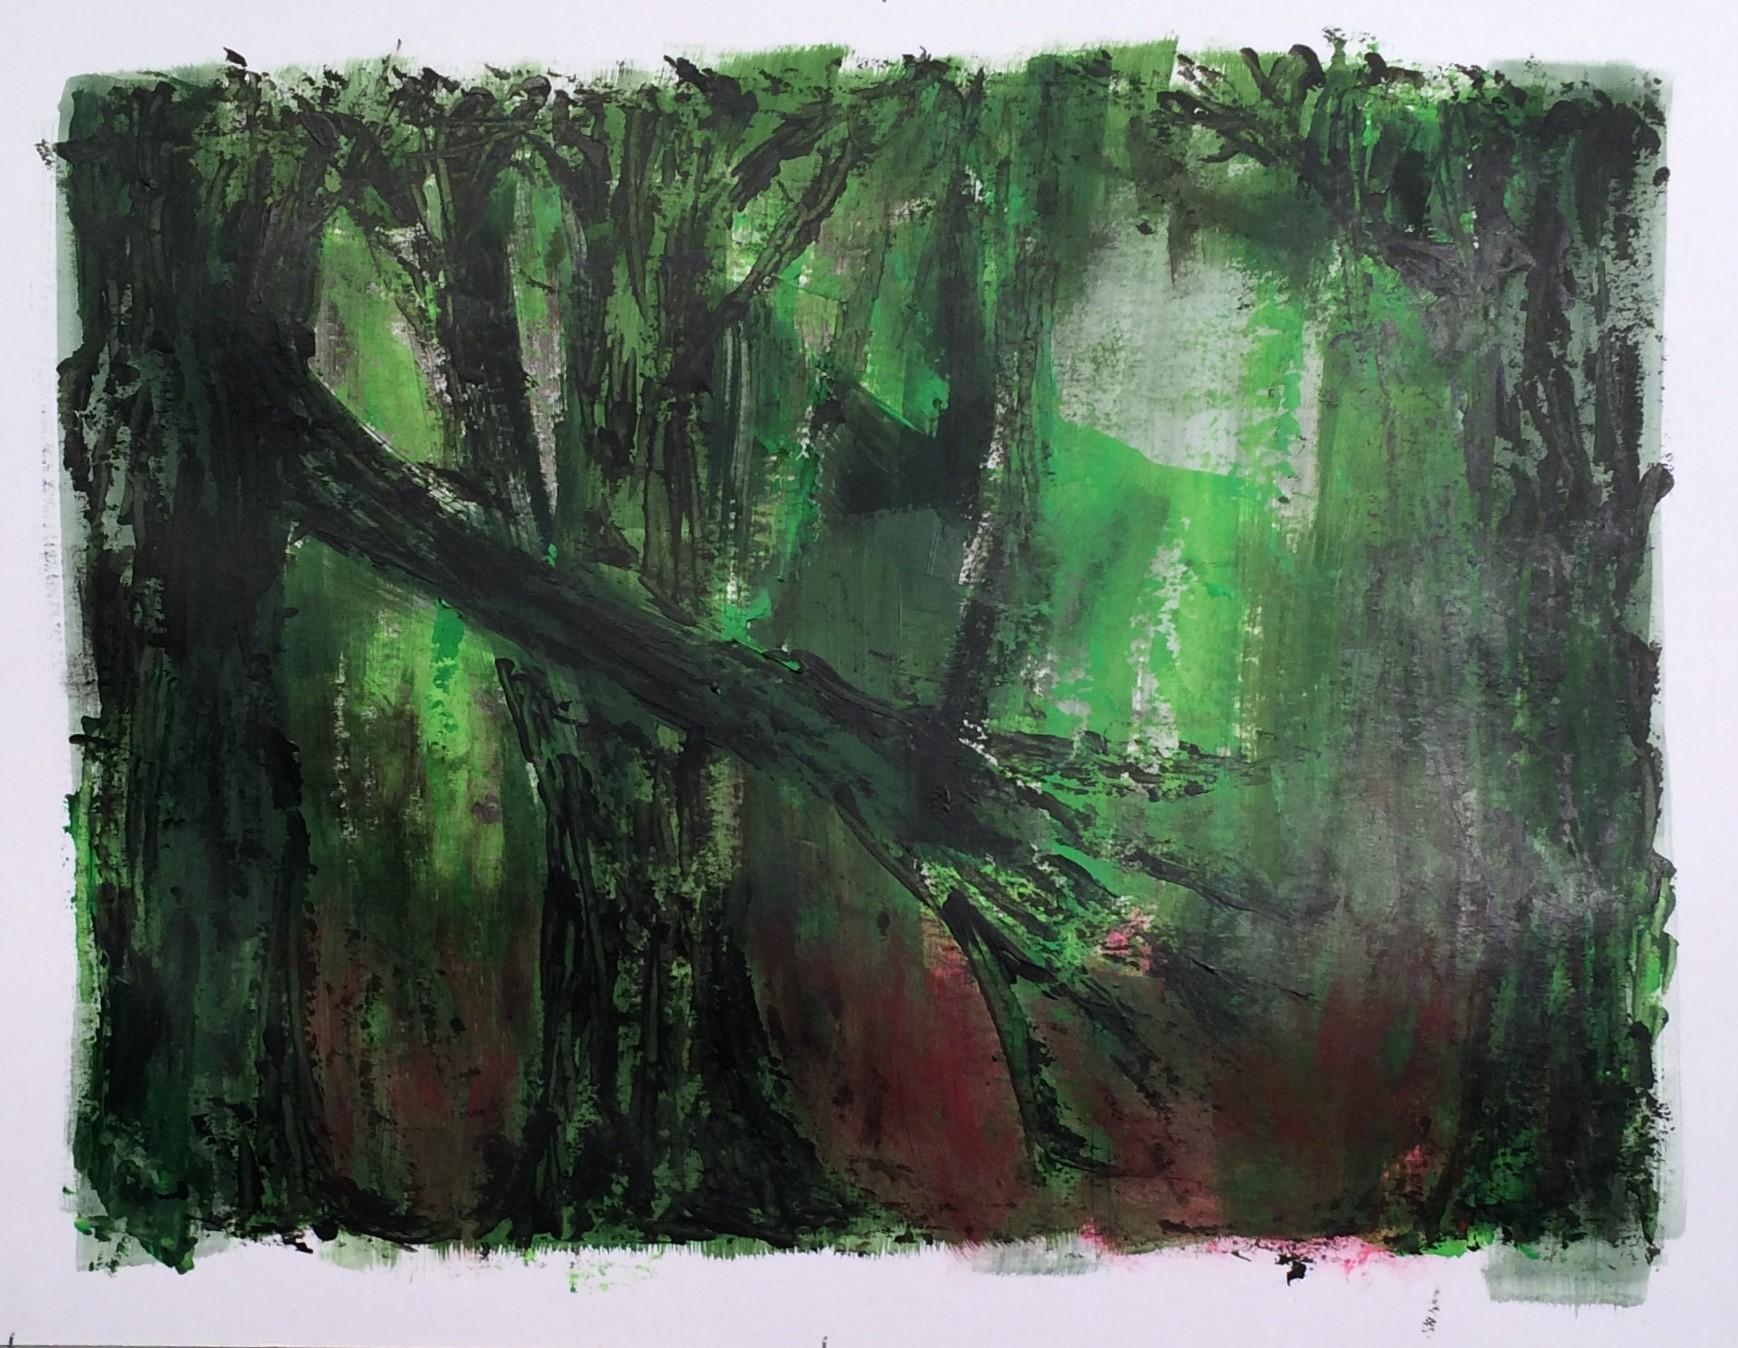 N°3292 - Forêt maléfique - Acrylique sur papier - 50 x 65 cm - 2 mai 2017